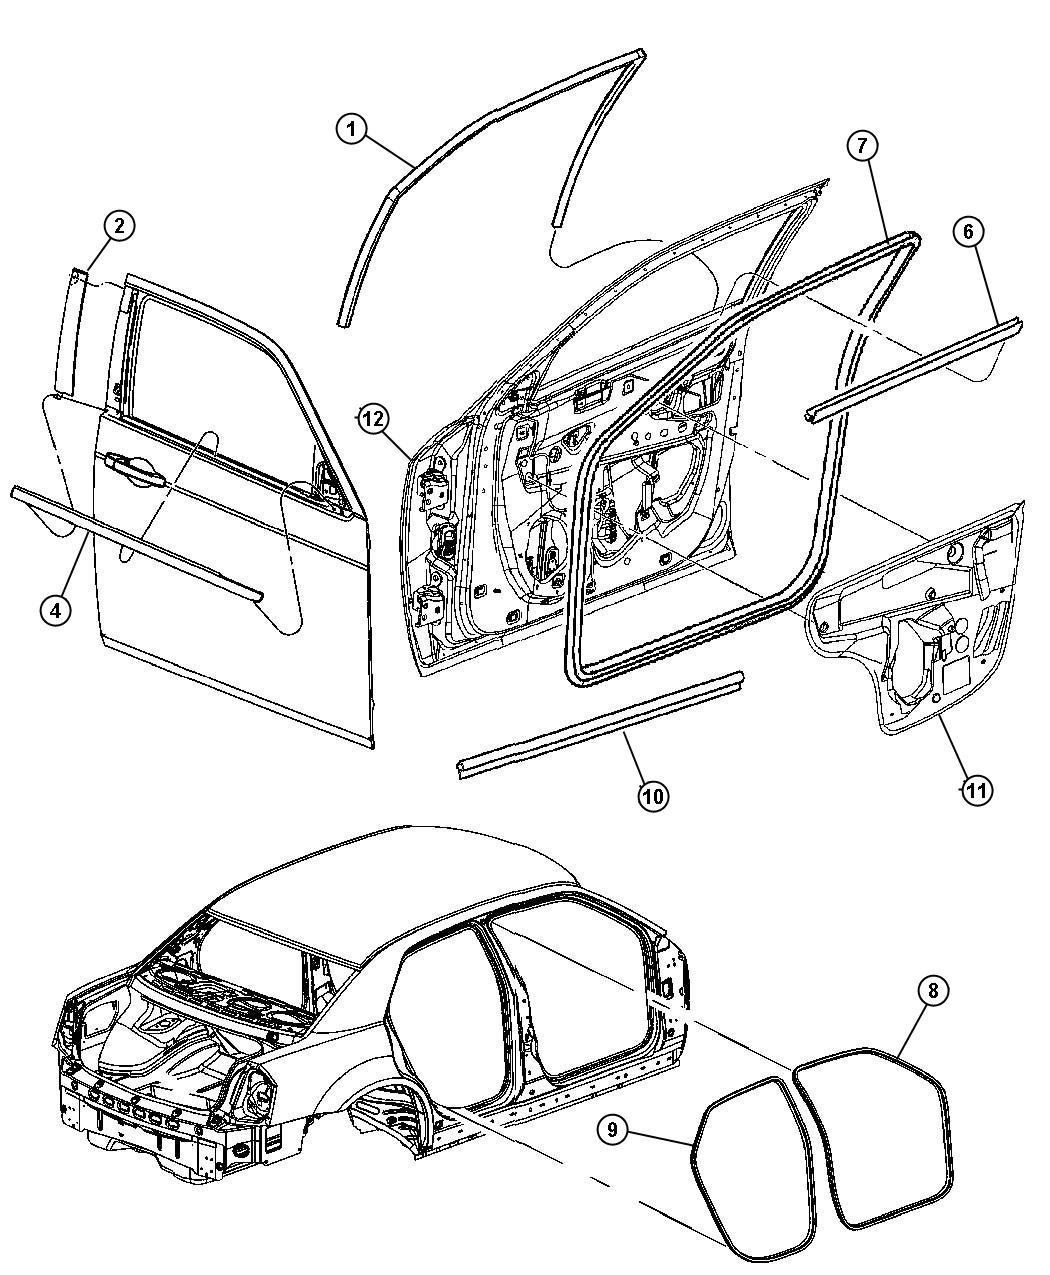 2007 Dodge Magnum R  T 5 7l Hemi V8 Weatherstrip  Front